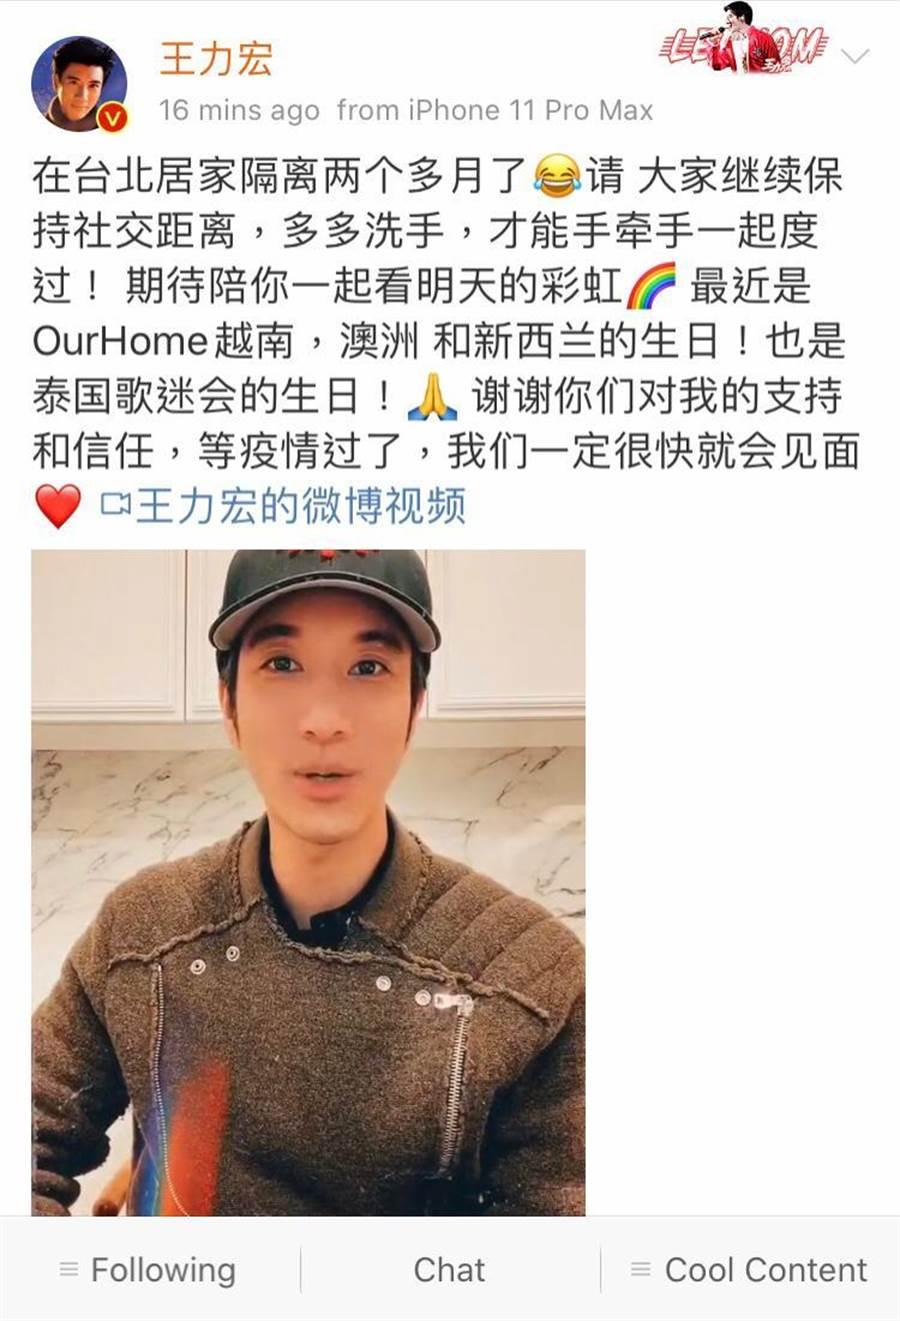 王力宏19日在微博PO出影片,替各地歌迷會送上生日祝福。(翻攝微博)